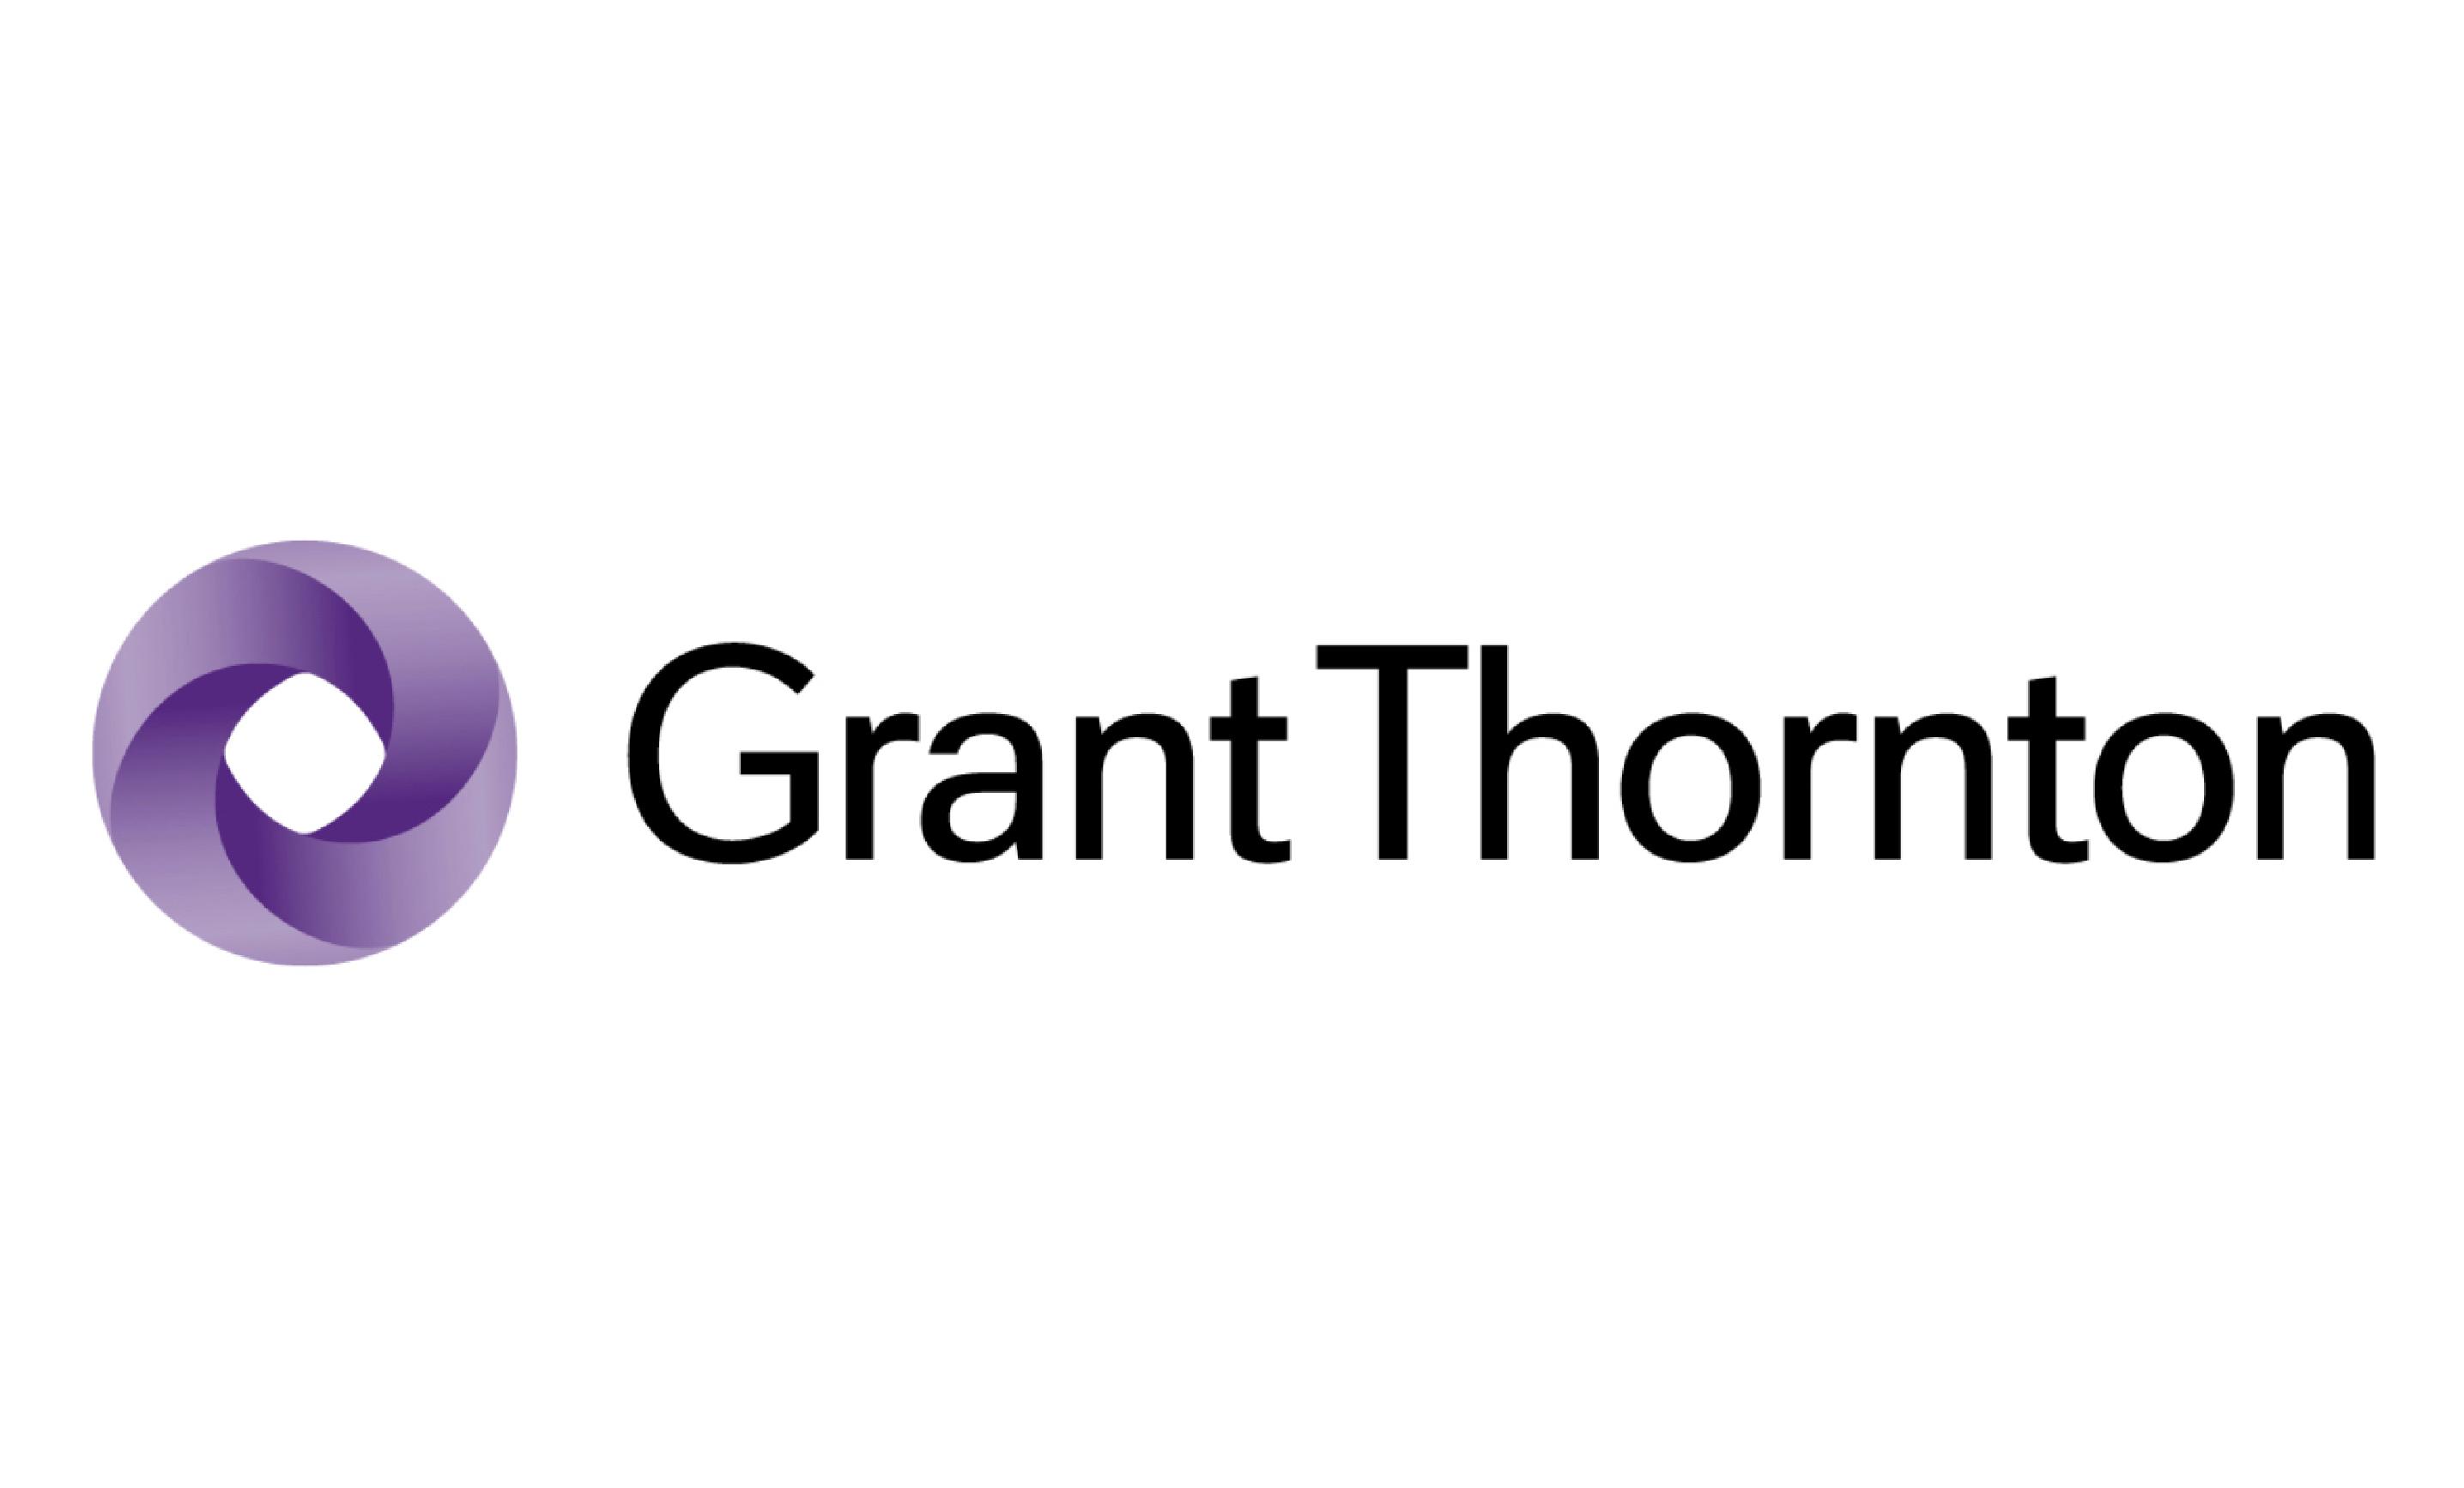 grant thornton-01